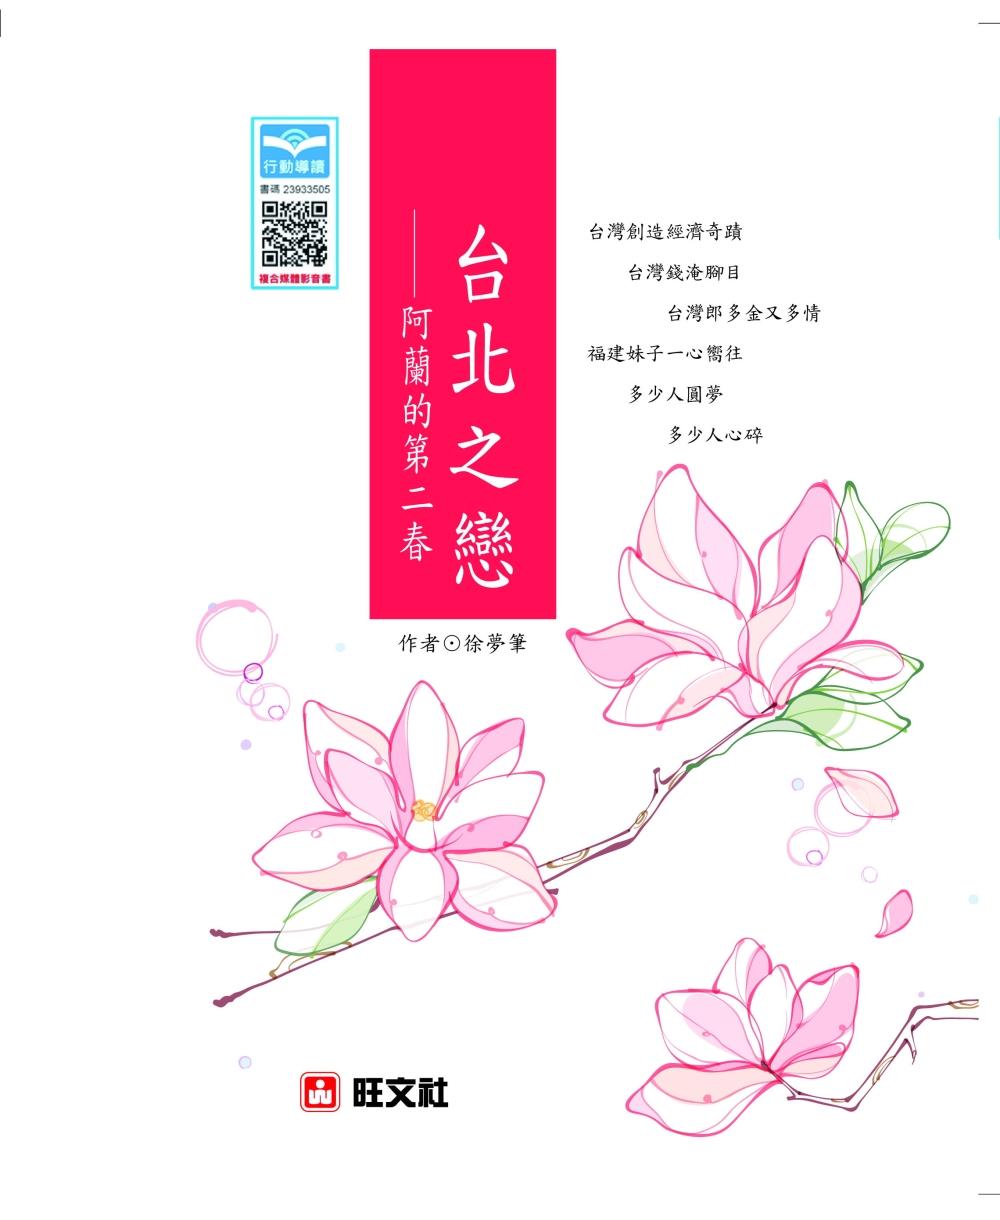 台北之戀:阿蘭的第二春